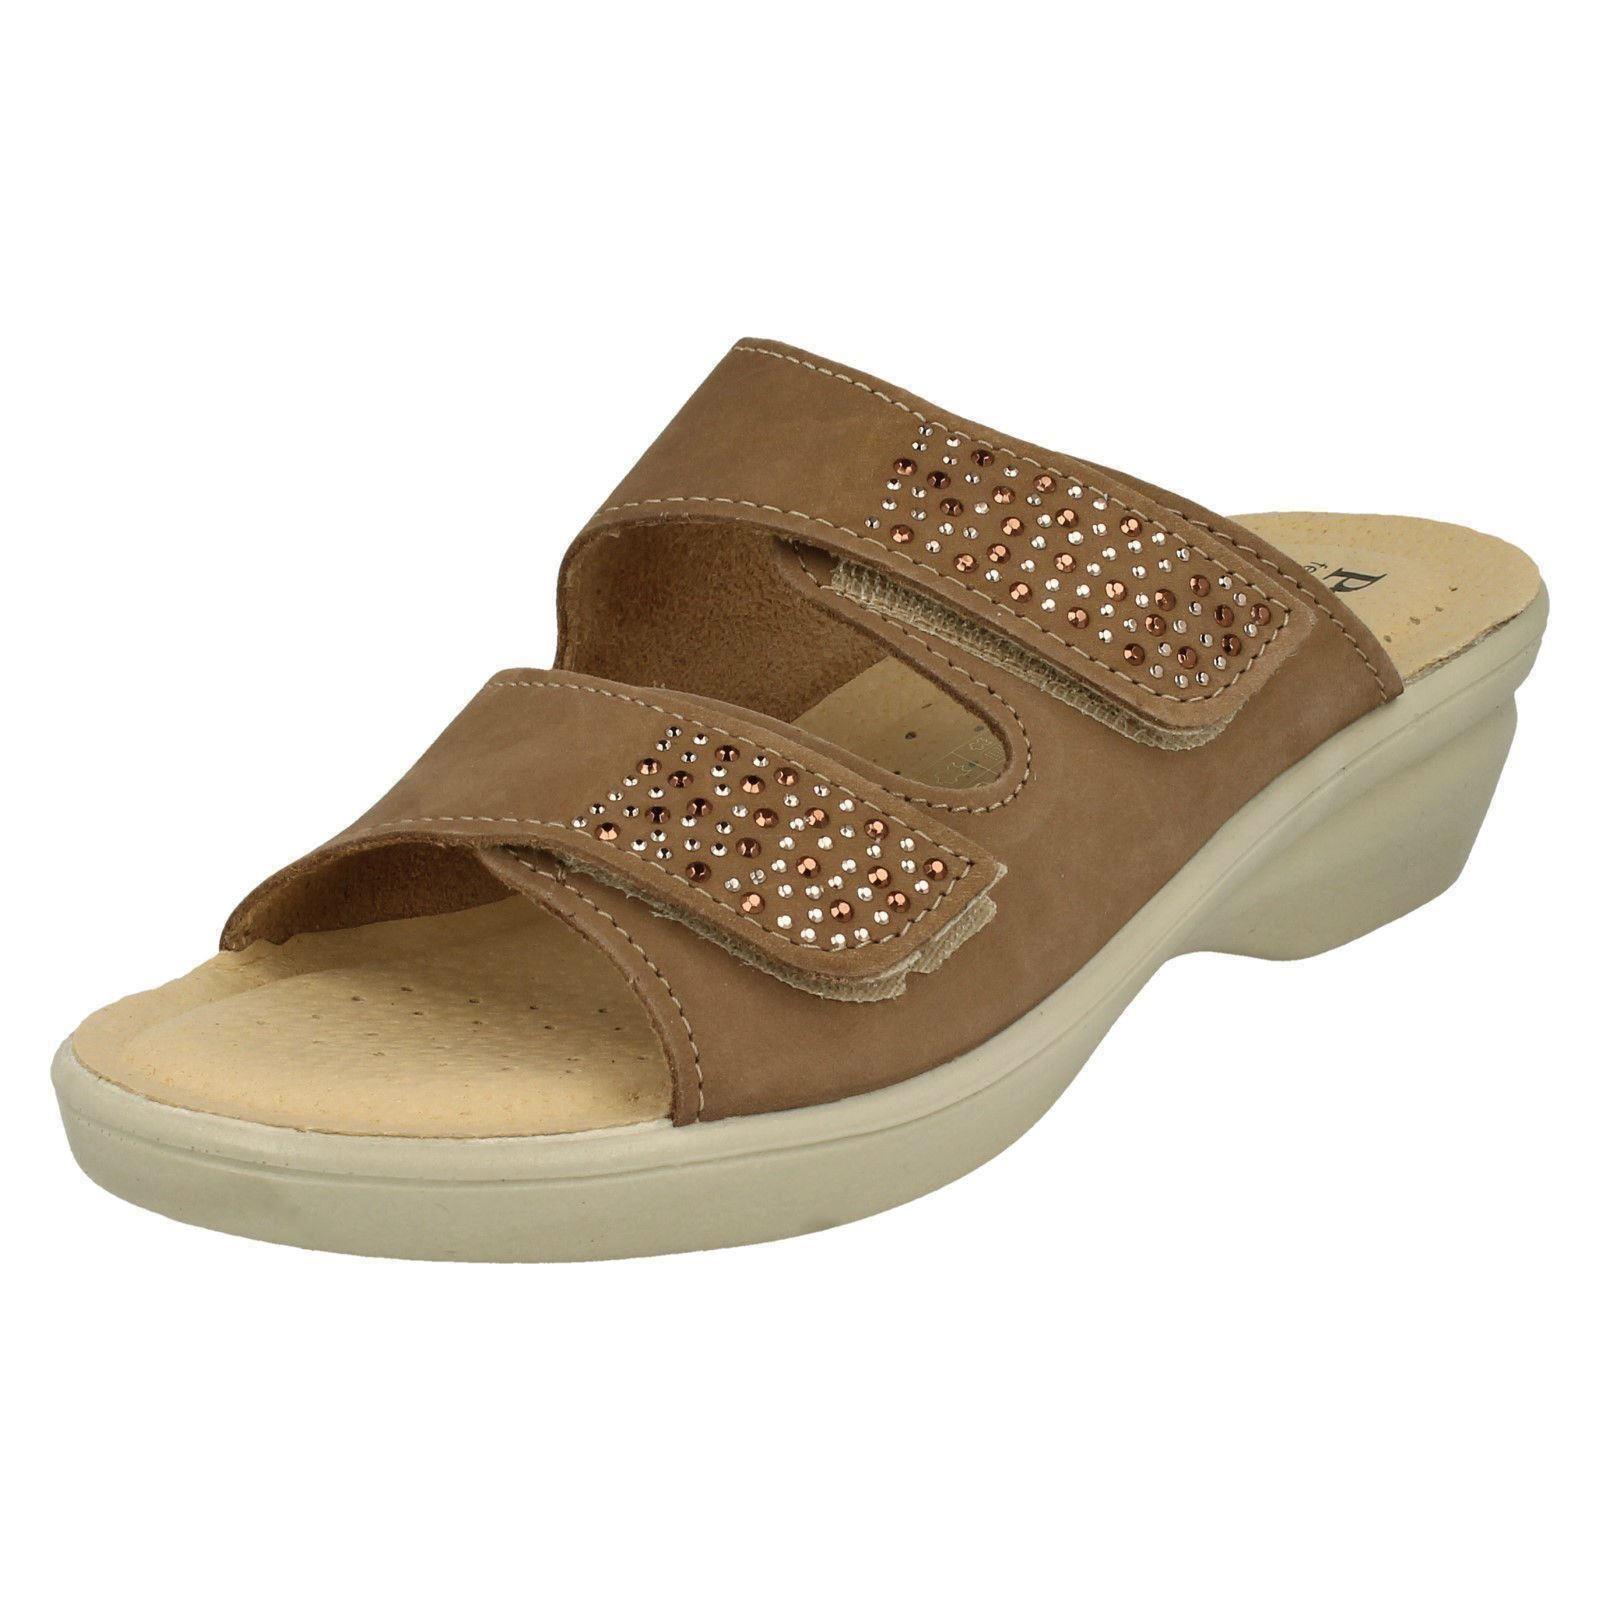 Damen Padders Pantoffeln 'Dhalia' Sandalen 'Dhalia' Pantoffeln 51a61b